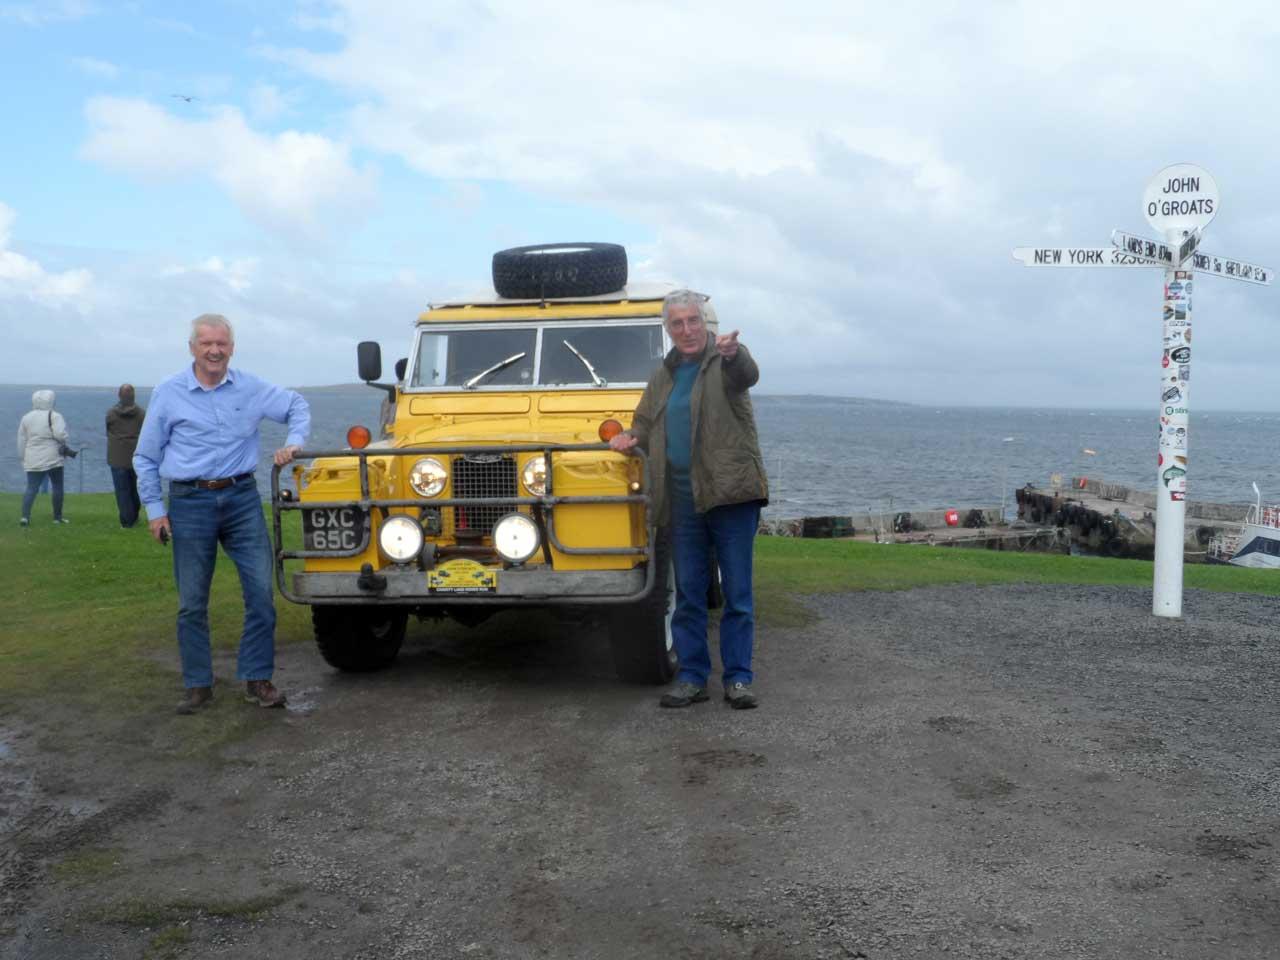 Photo: Landrover Charity Convoy At John O'Groats